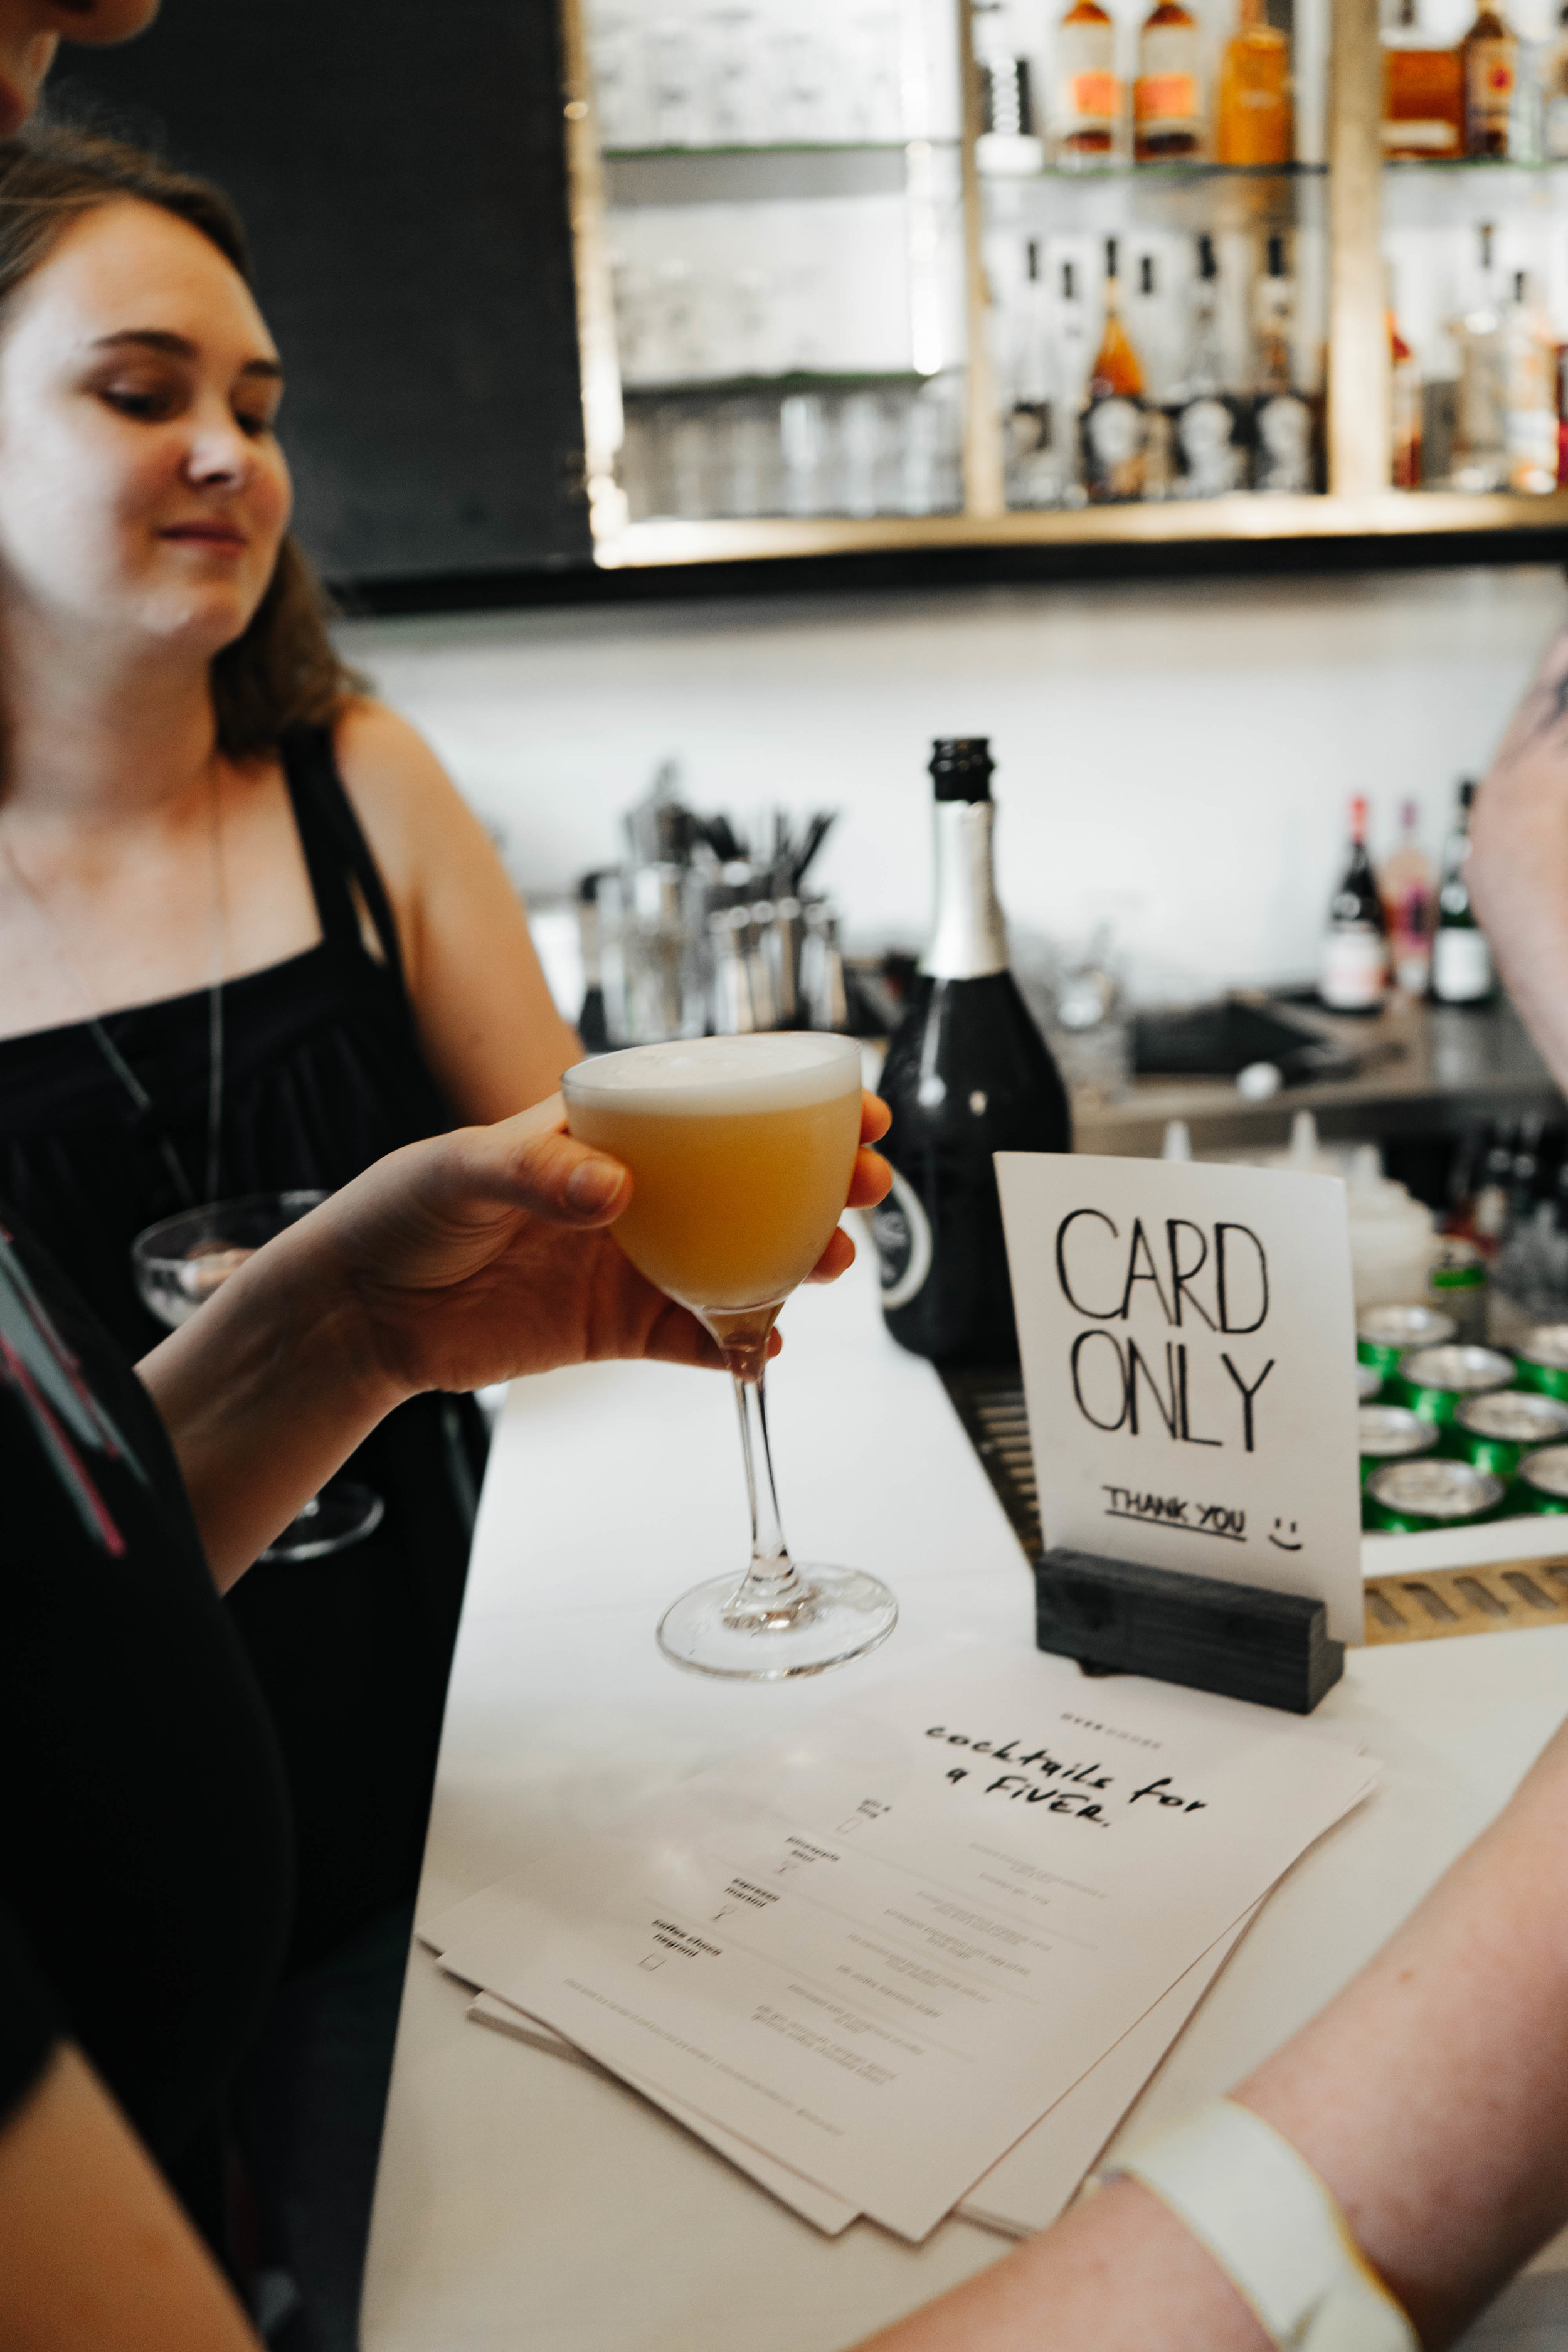 Manchester_Deansgate_Cocktail_Sour